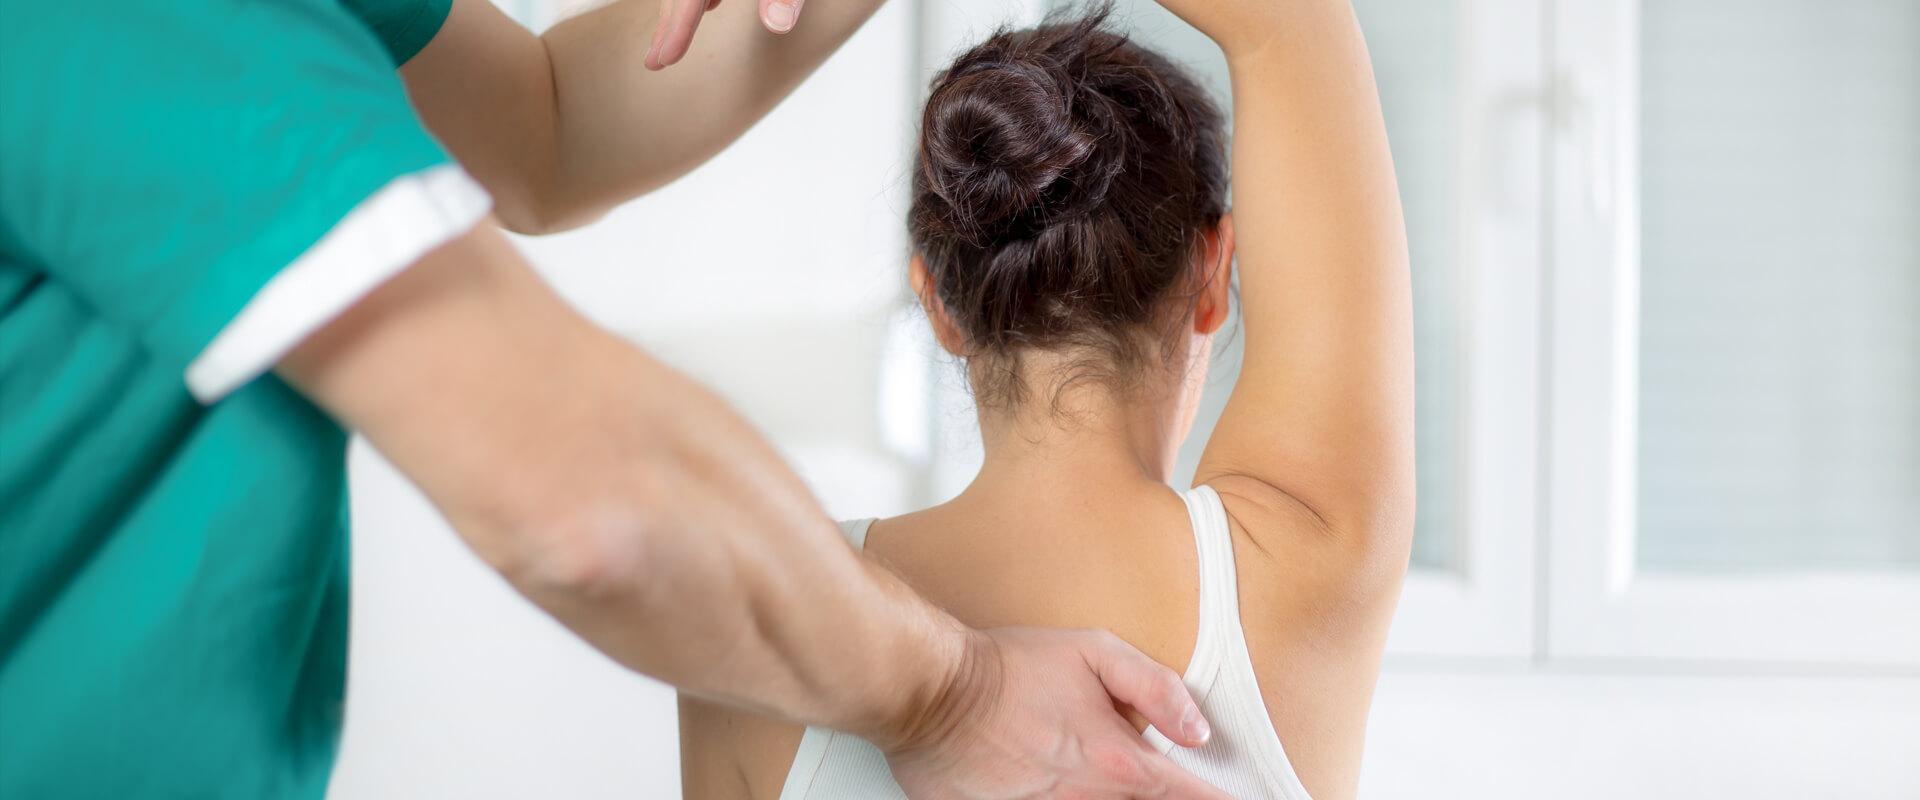 Ostéopathe Nantes - Femmes enceintes